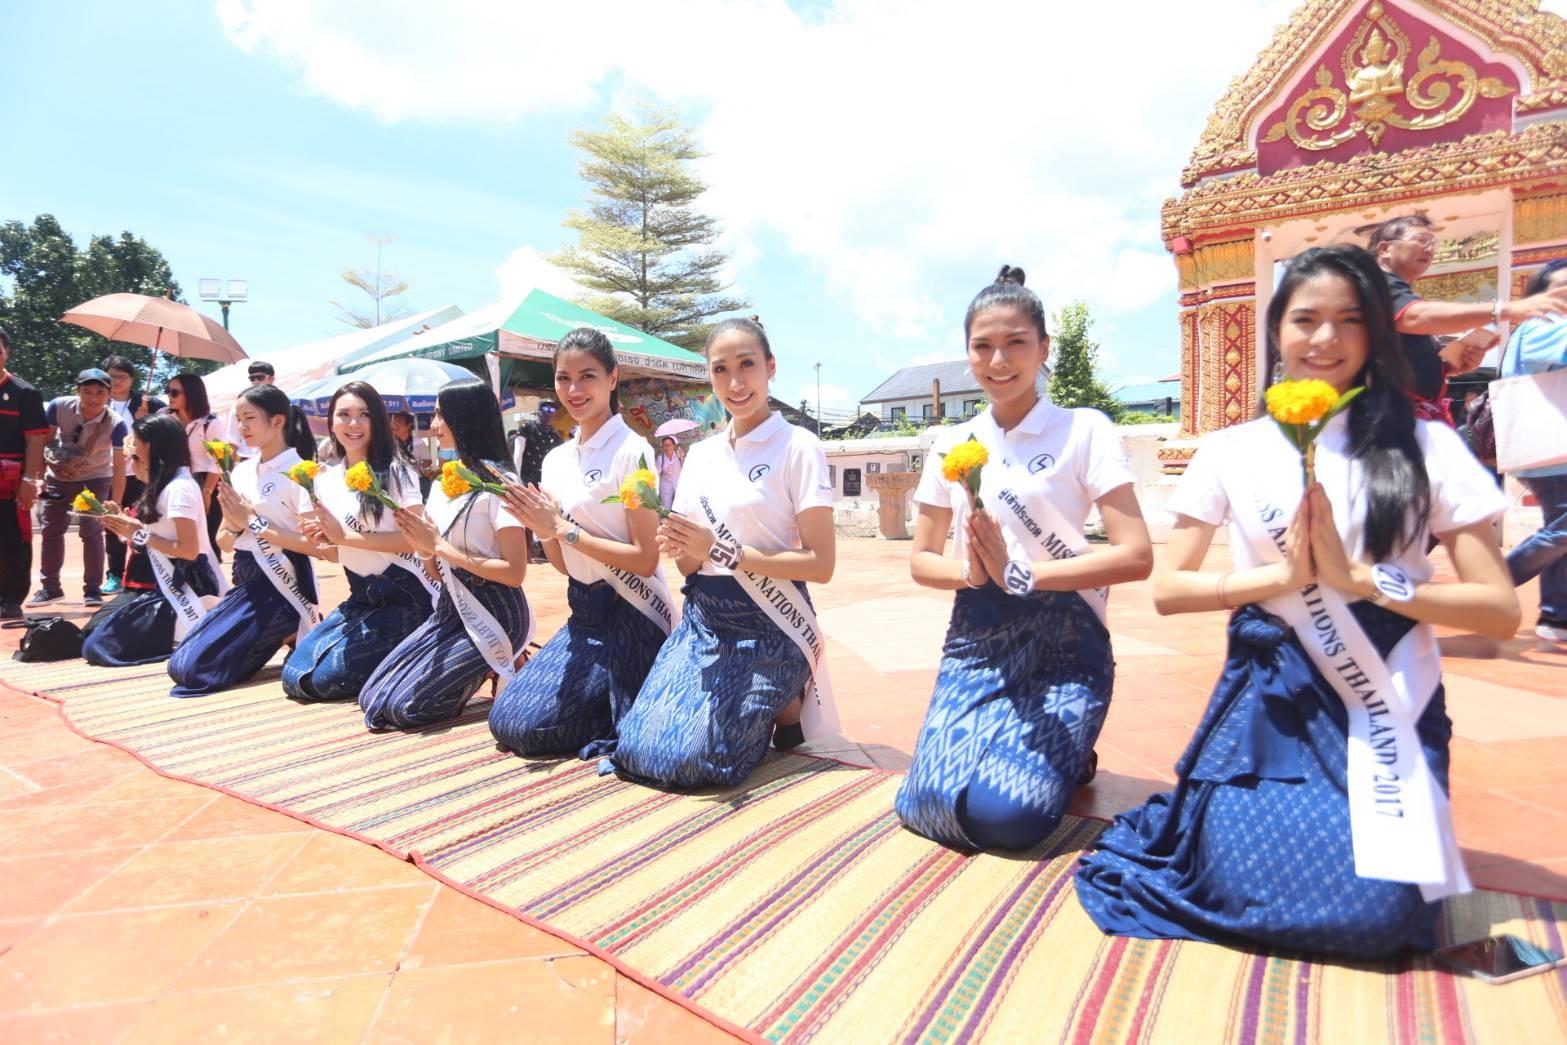 มิสออลเนชั่นส์ไทยแลนด์ (Miss All Nations Thailand 2017)